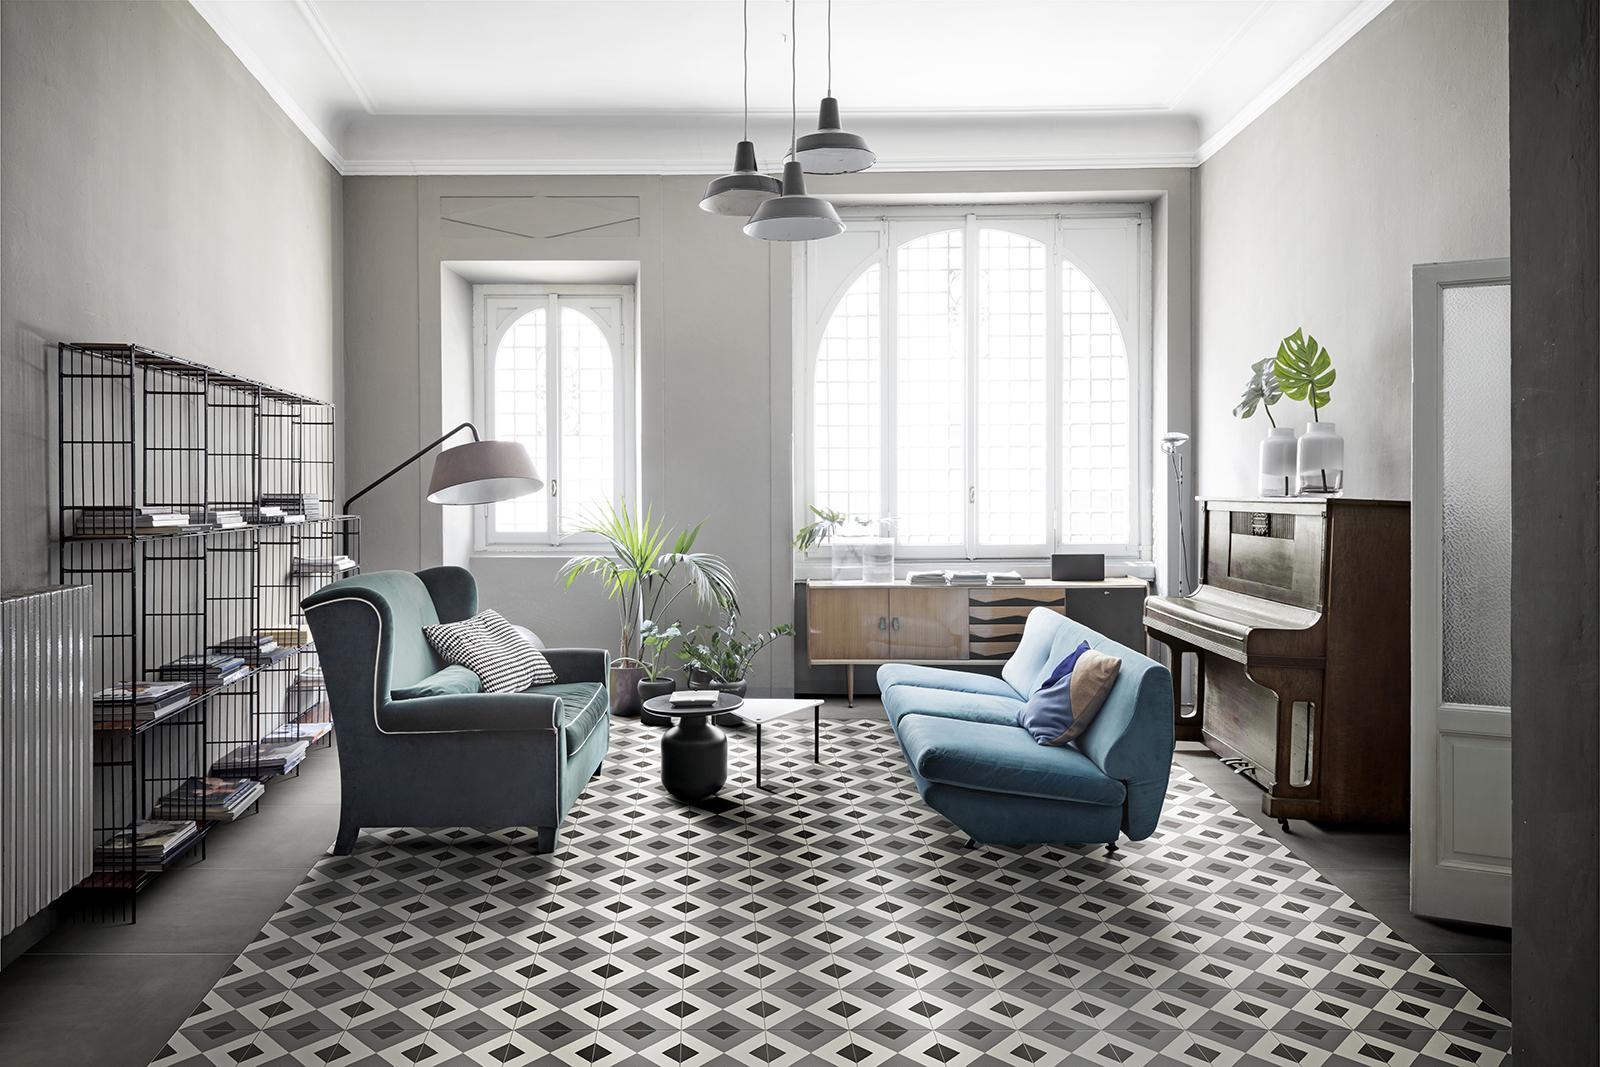 les couleurs et les tendances de la décoration d'intérieur pour 2018